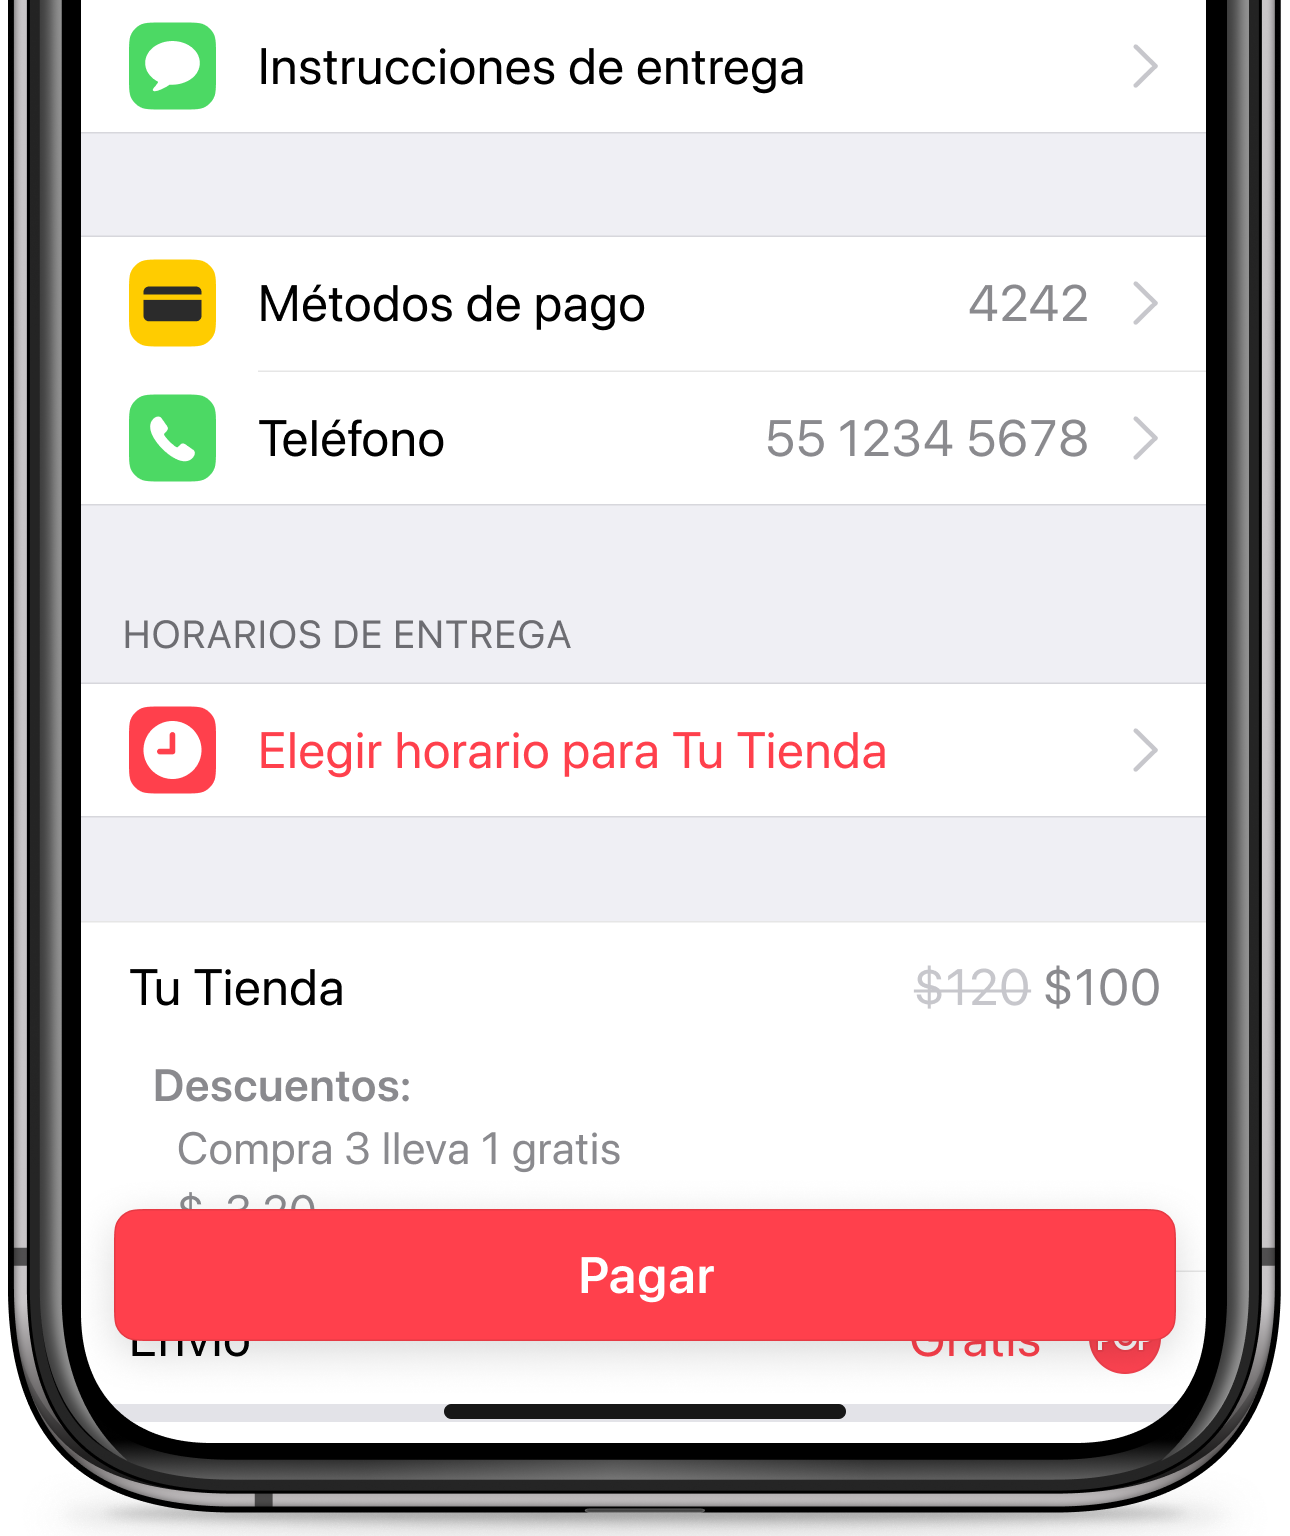 Haciendo un pedido desde la app de Cornershop